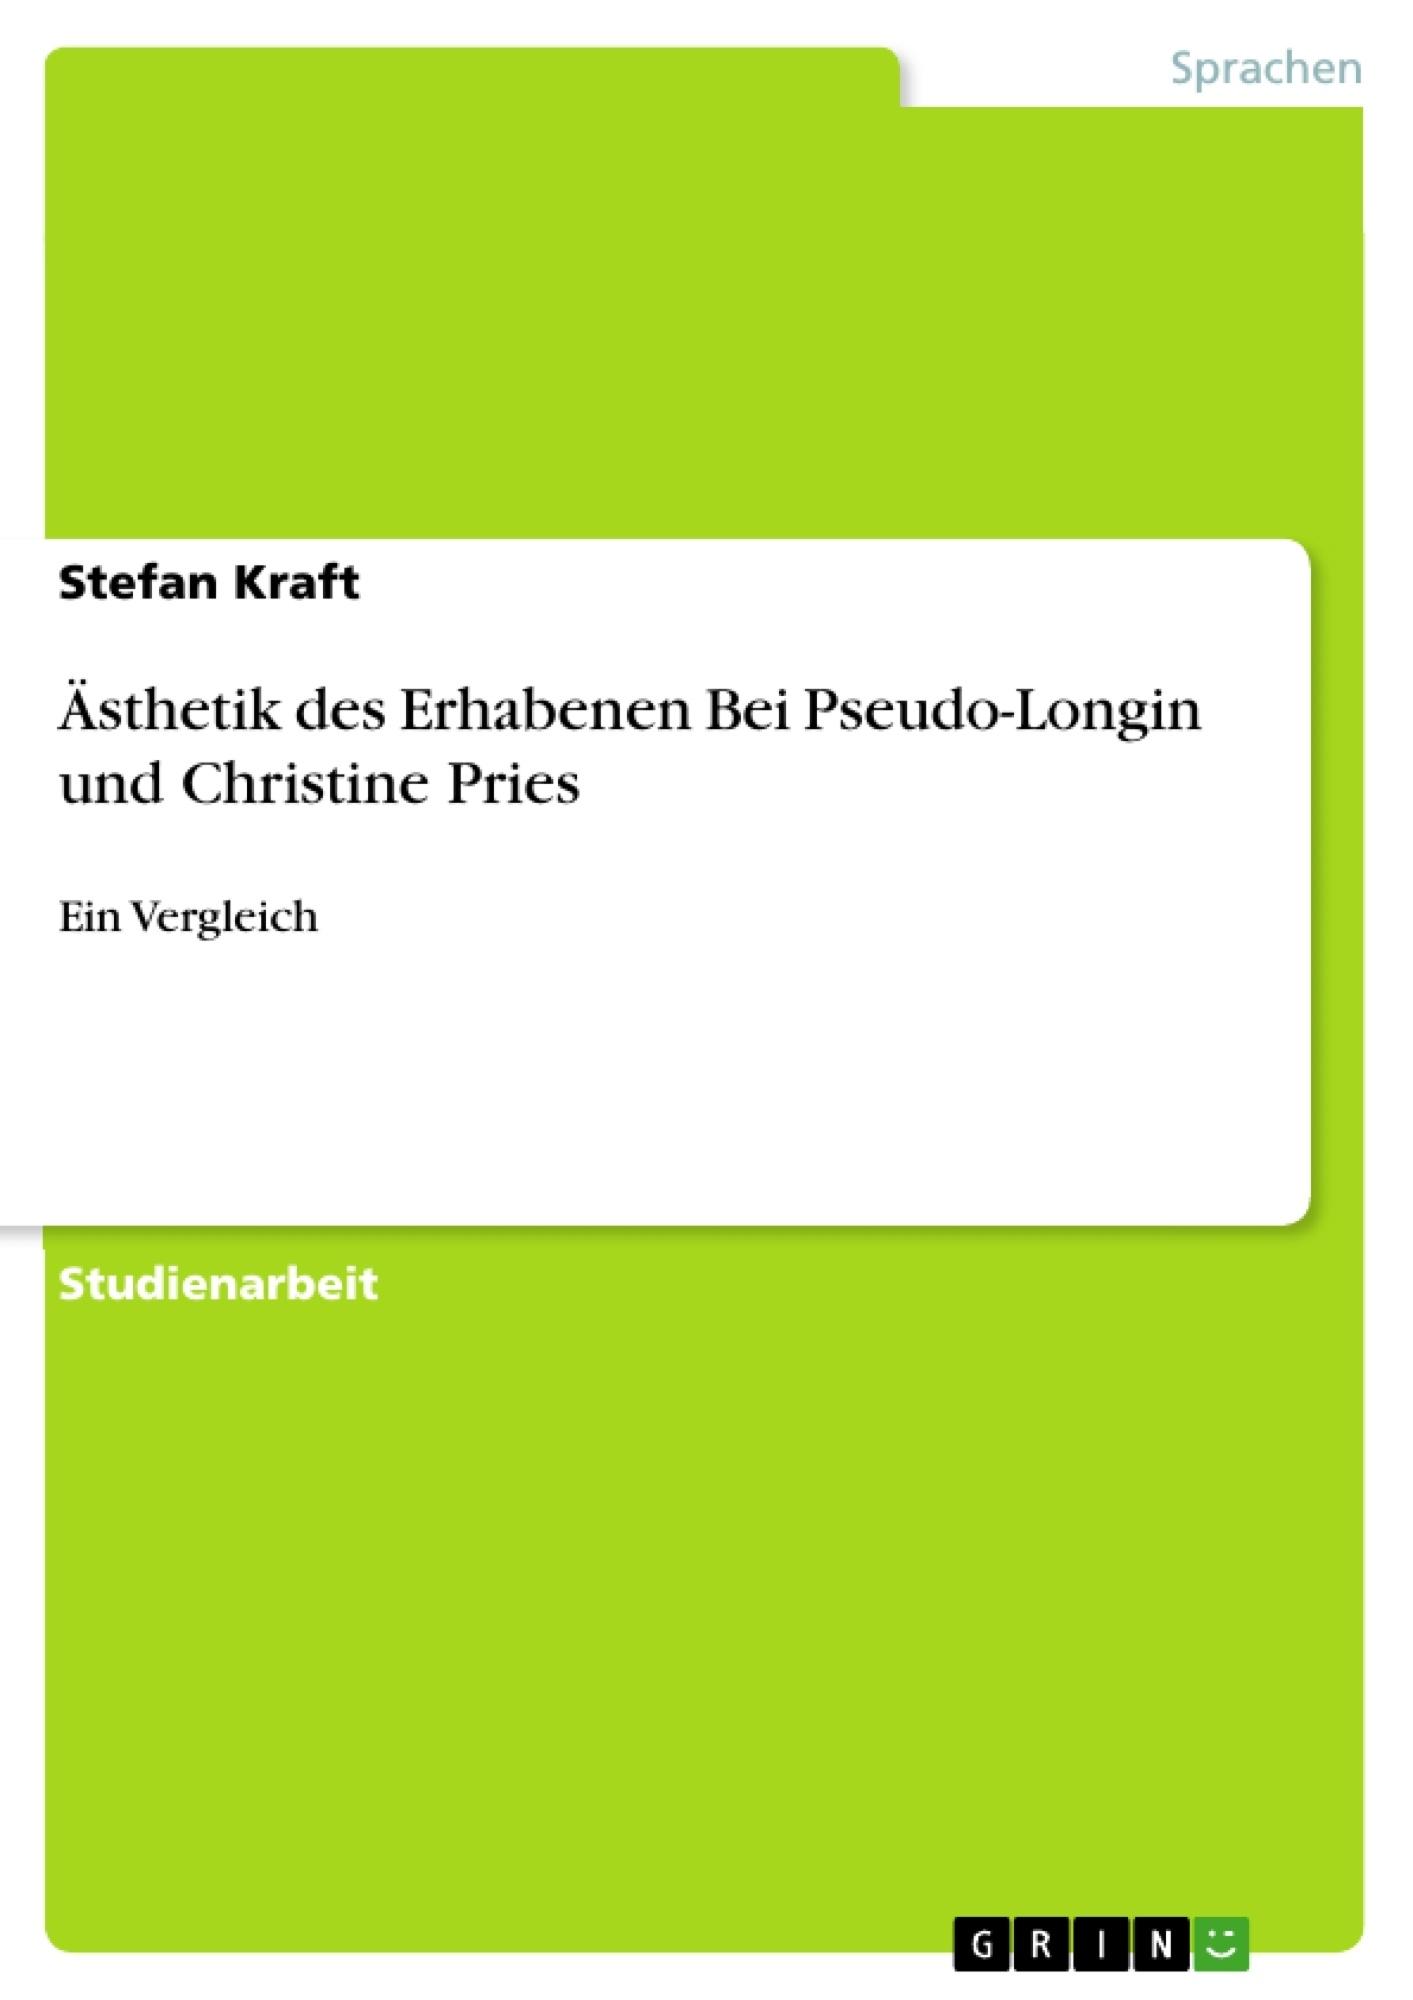 Titel: Ästhetik des Erhabenen Bei Pseudo-Longin und Christine Pries